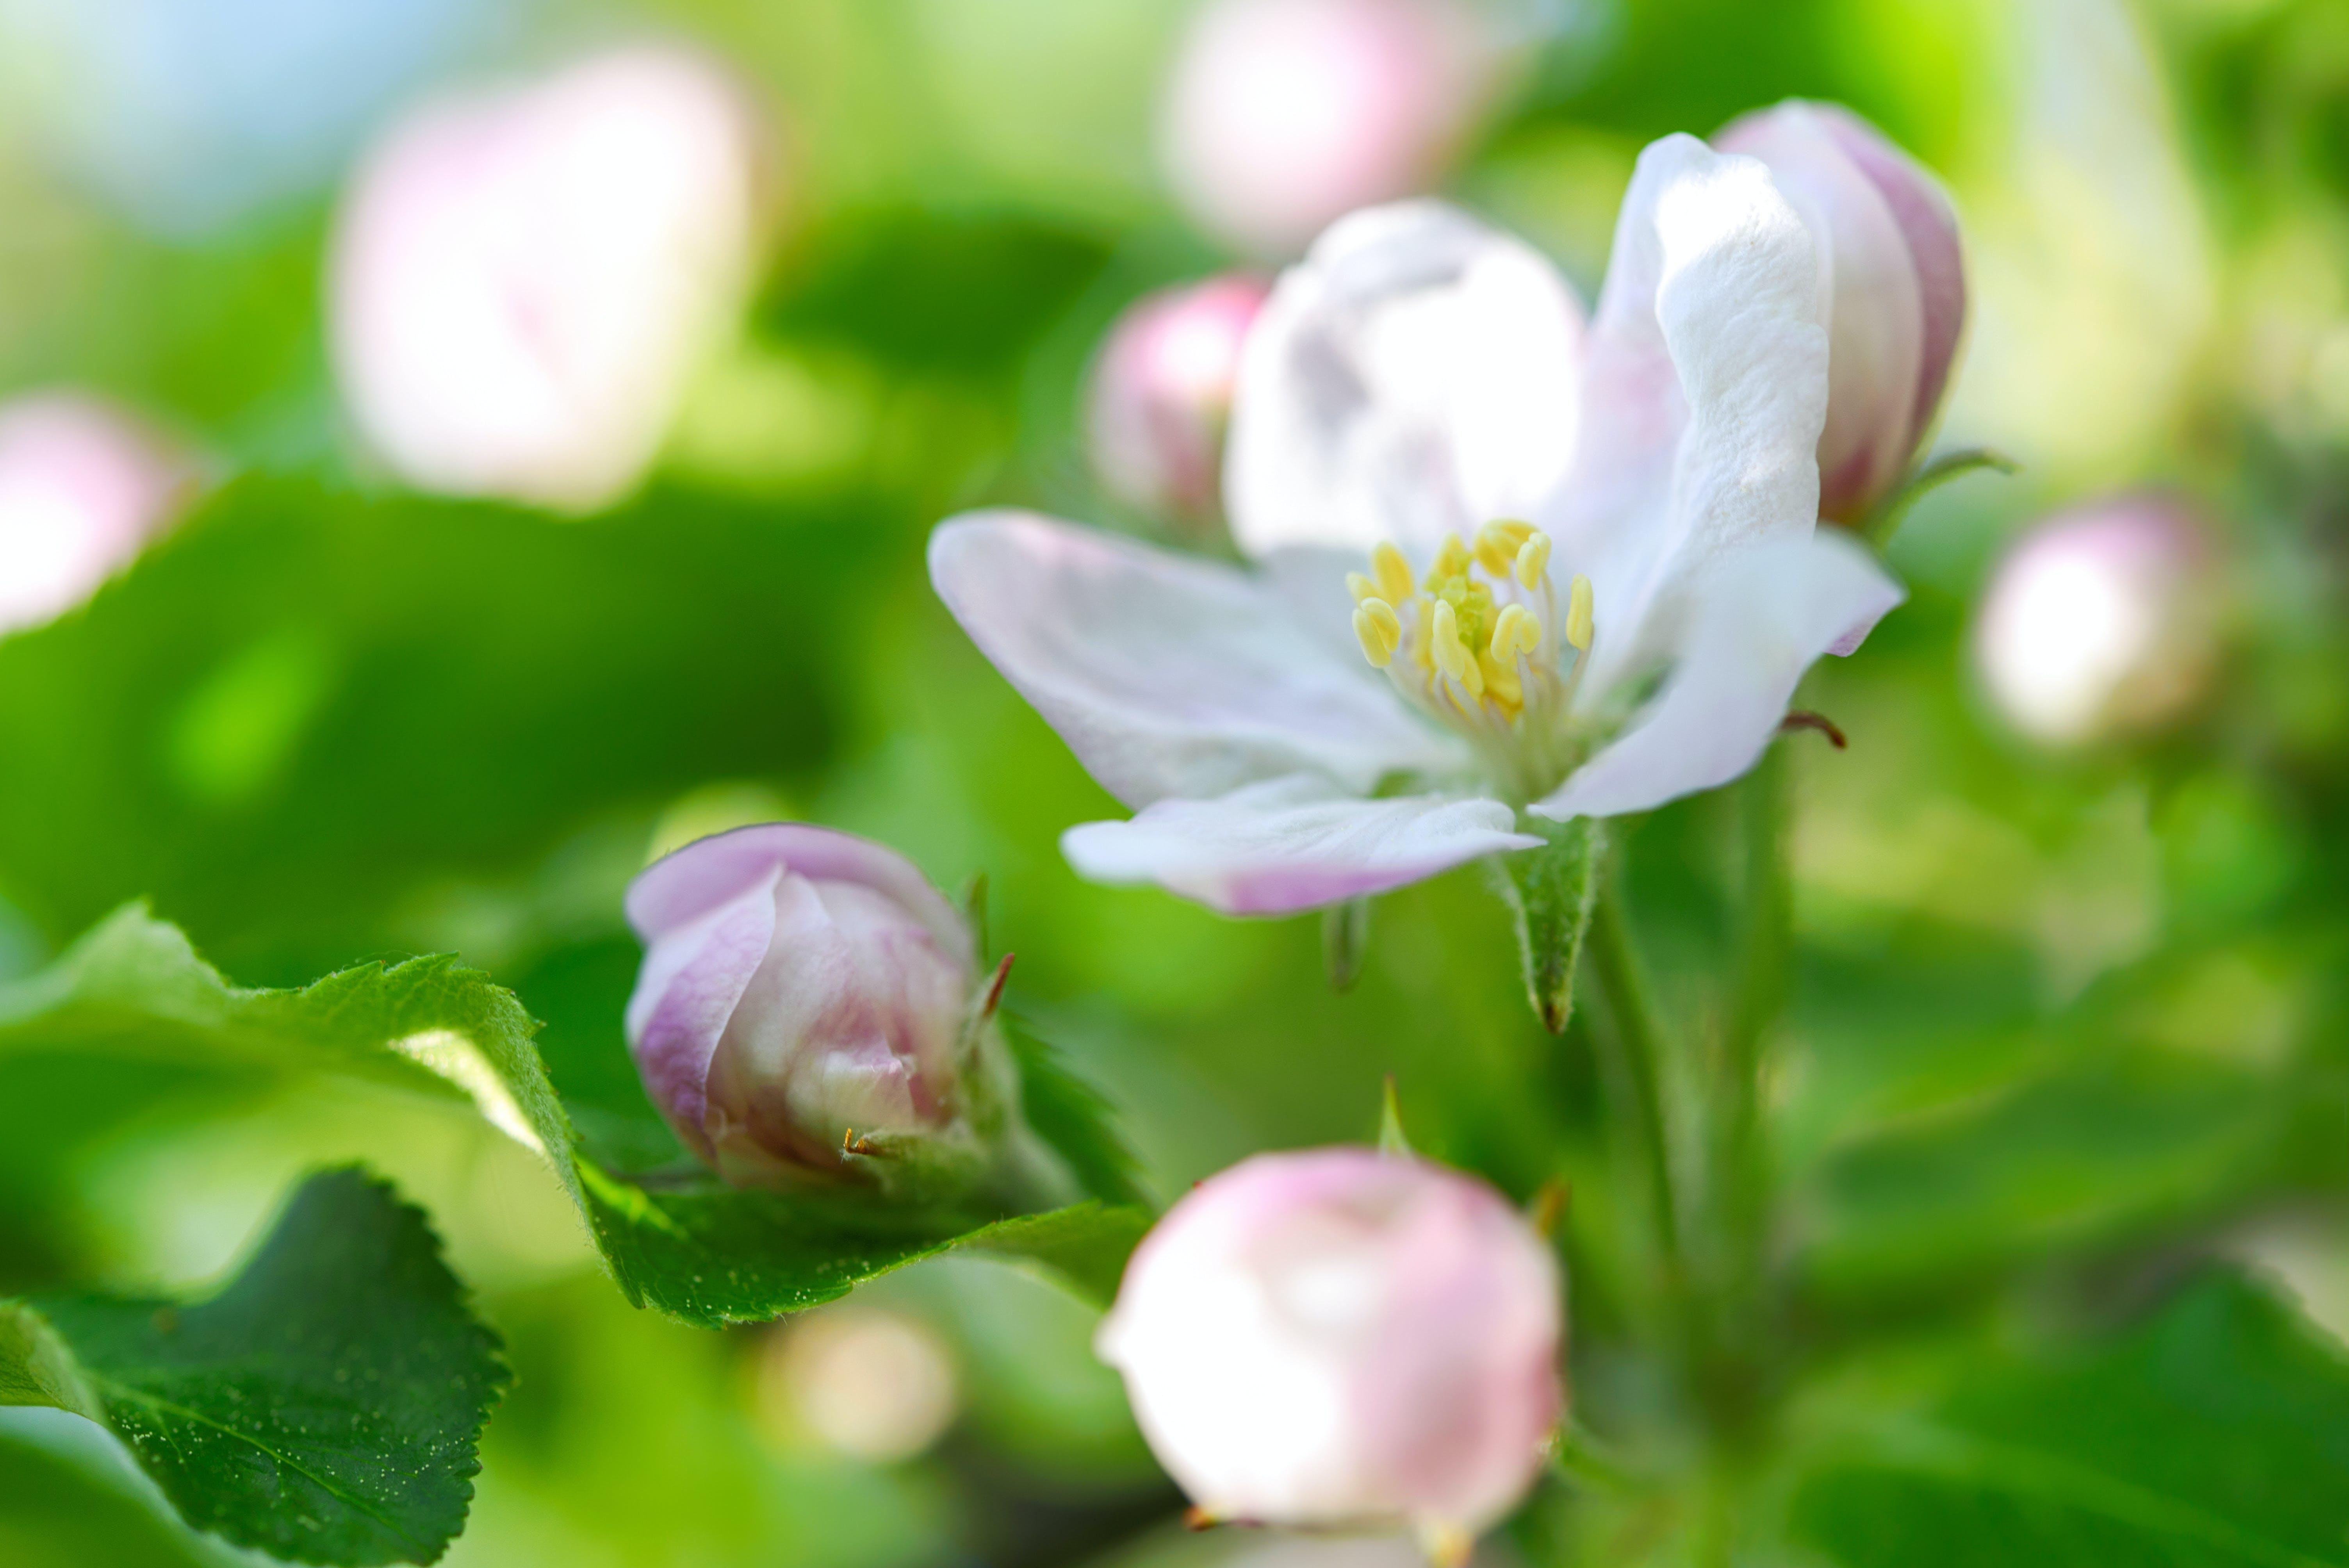 apple blossom, apple tree, april